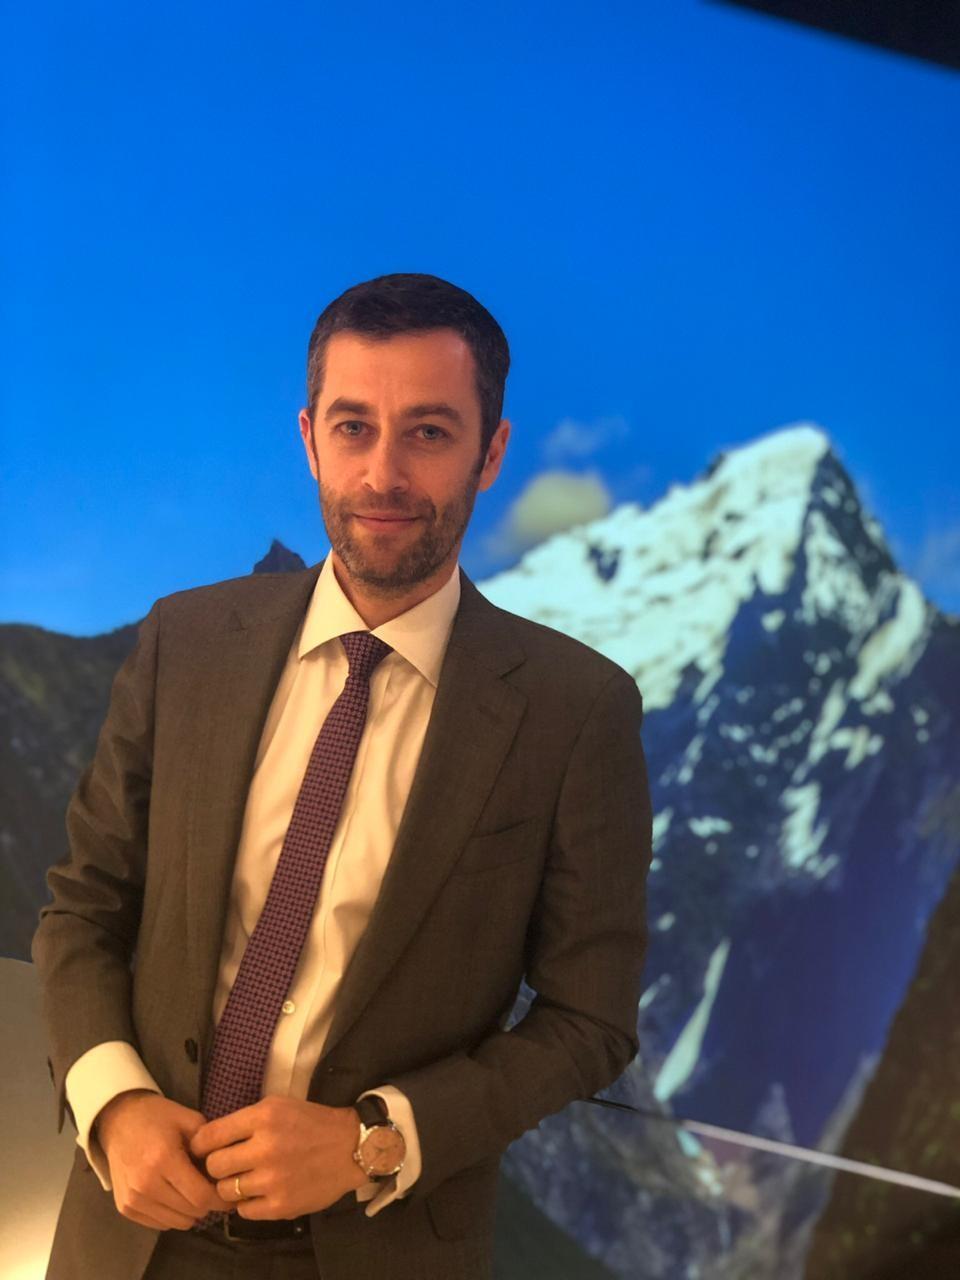 Vincent Montalescot, vice-presidente executivo de marketing da Montblanc (Foto: Rodrigo Peirão)